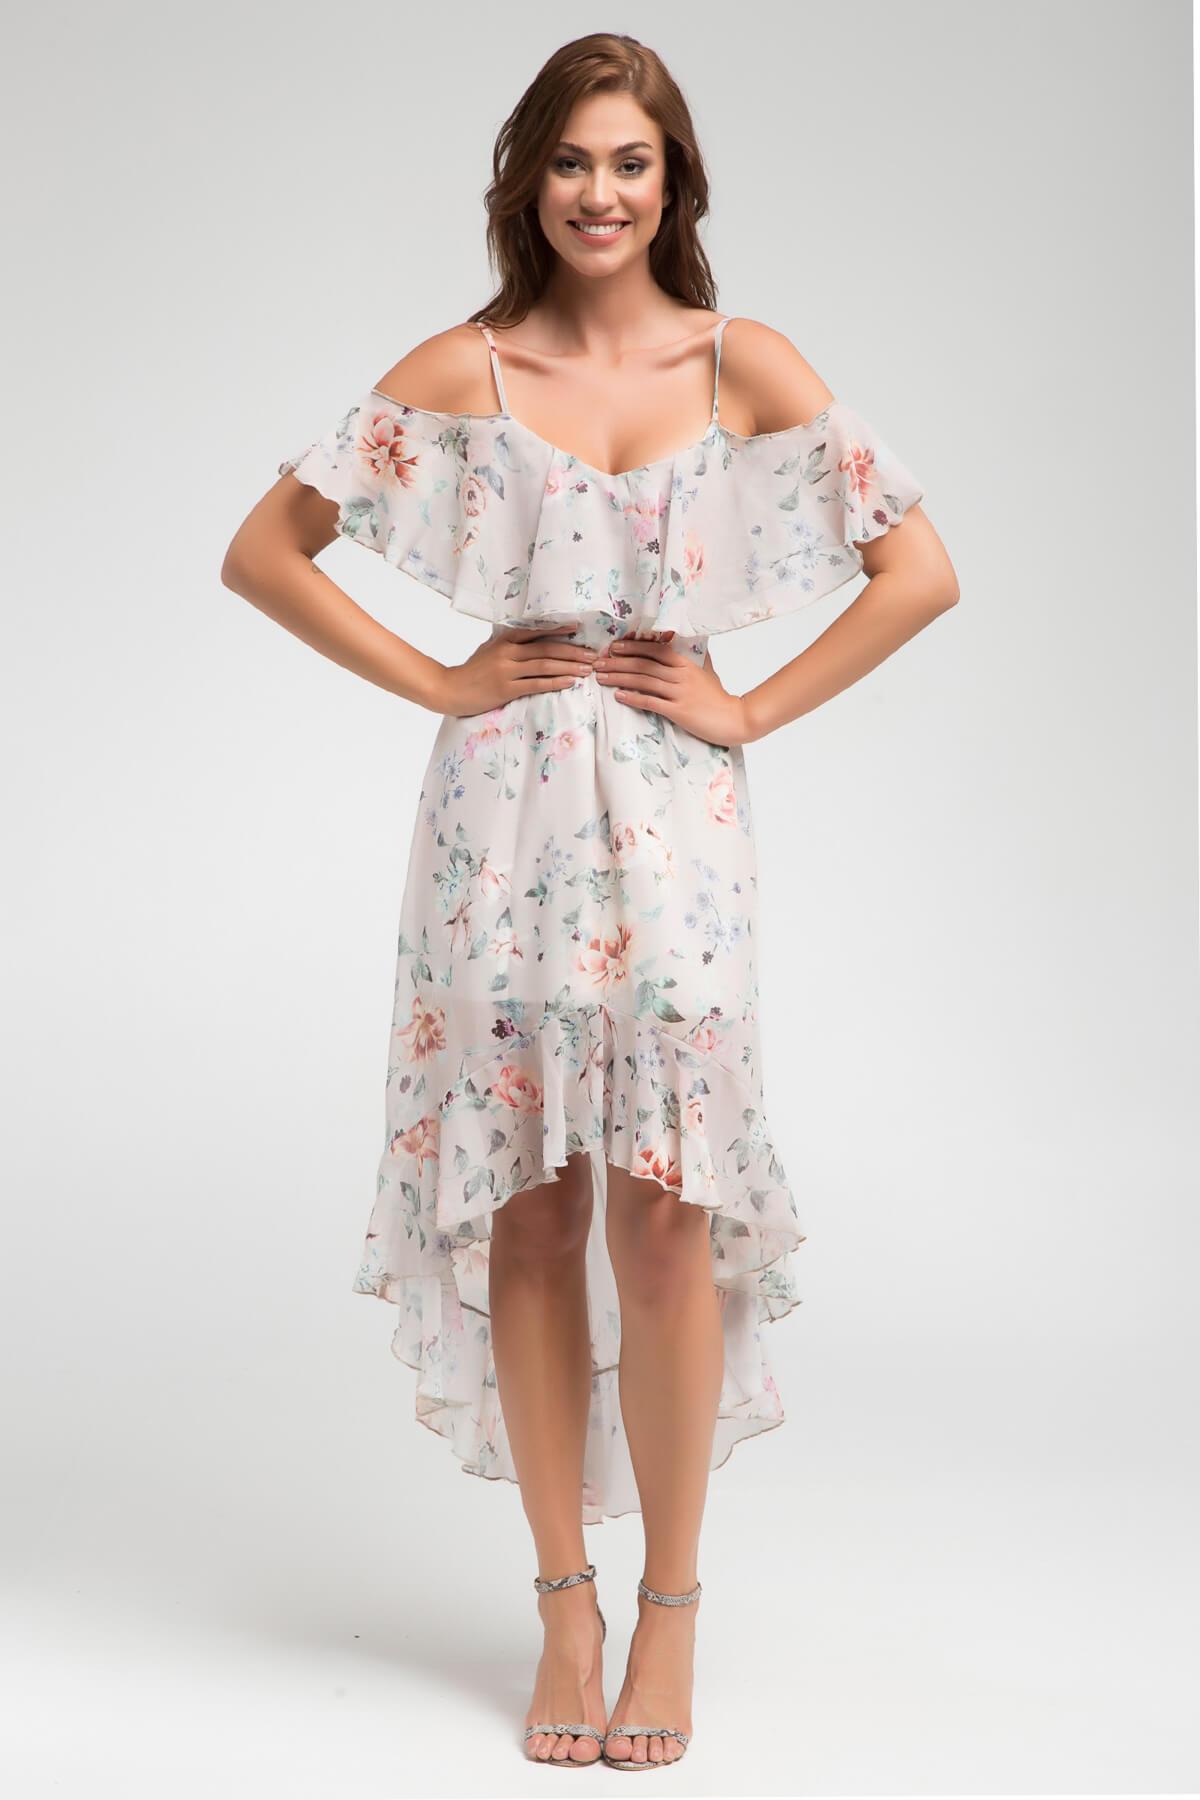 Laranor Kadın Desenli Yaka ve Volan Detaylı Asimetrik Kesim Elbise 17L5376